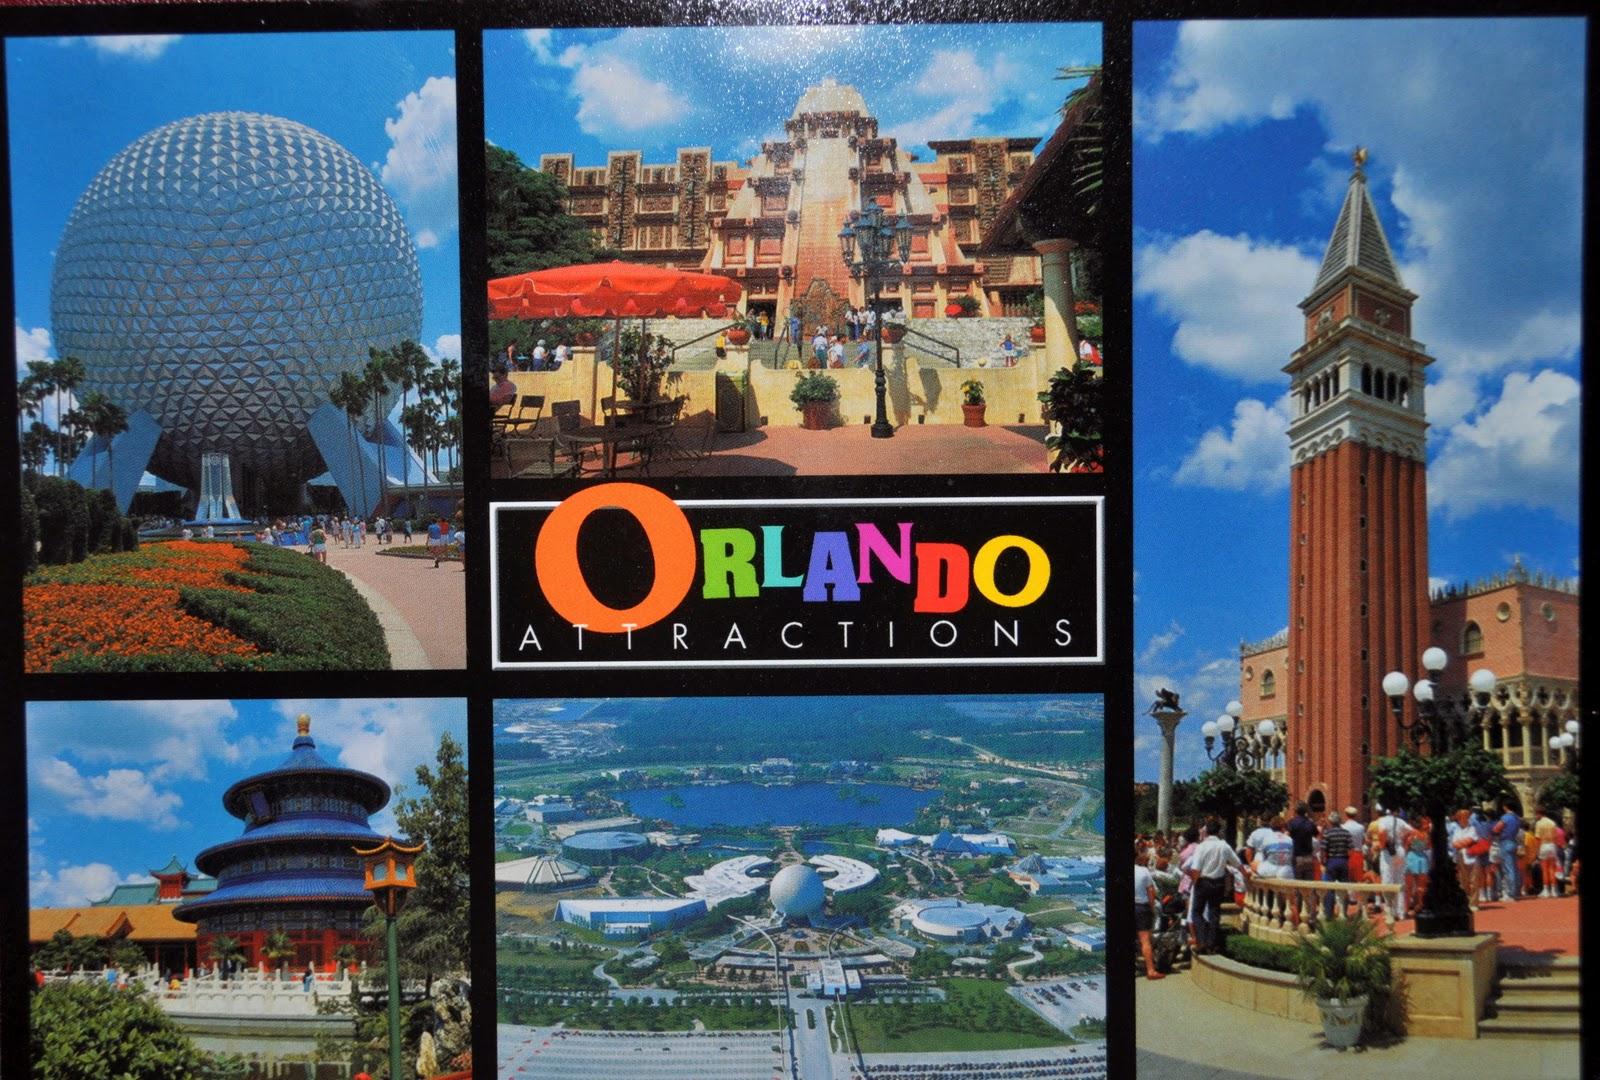 Next Stop Orlando Florida Taking To The Open Road